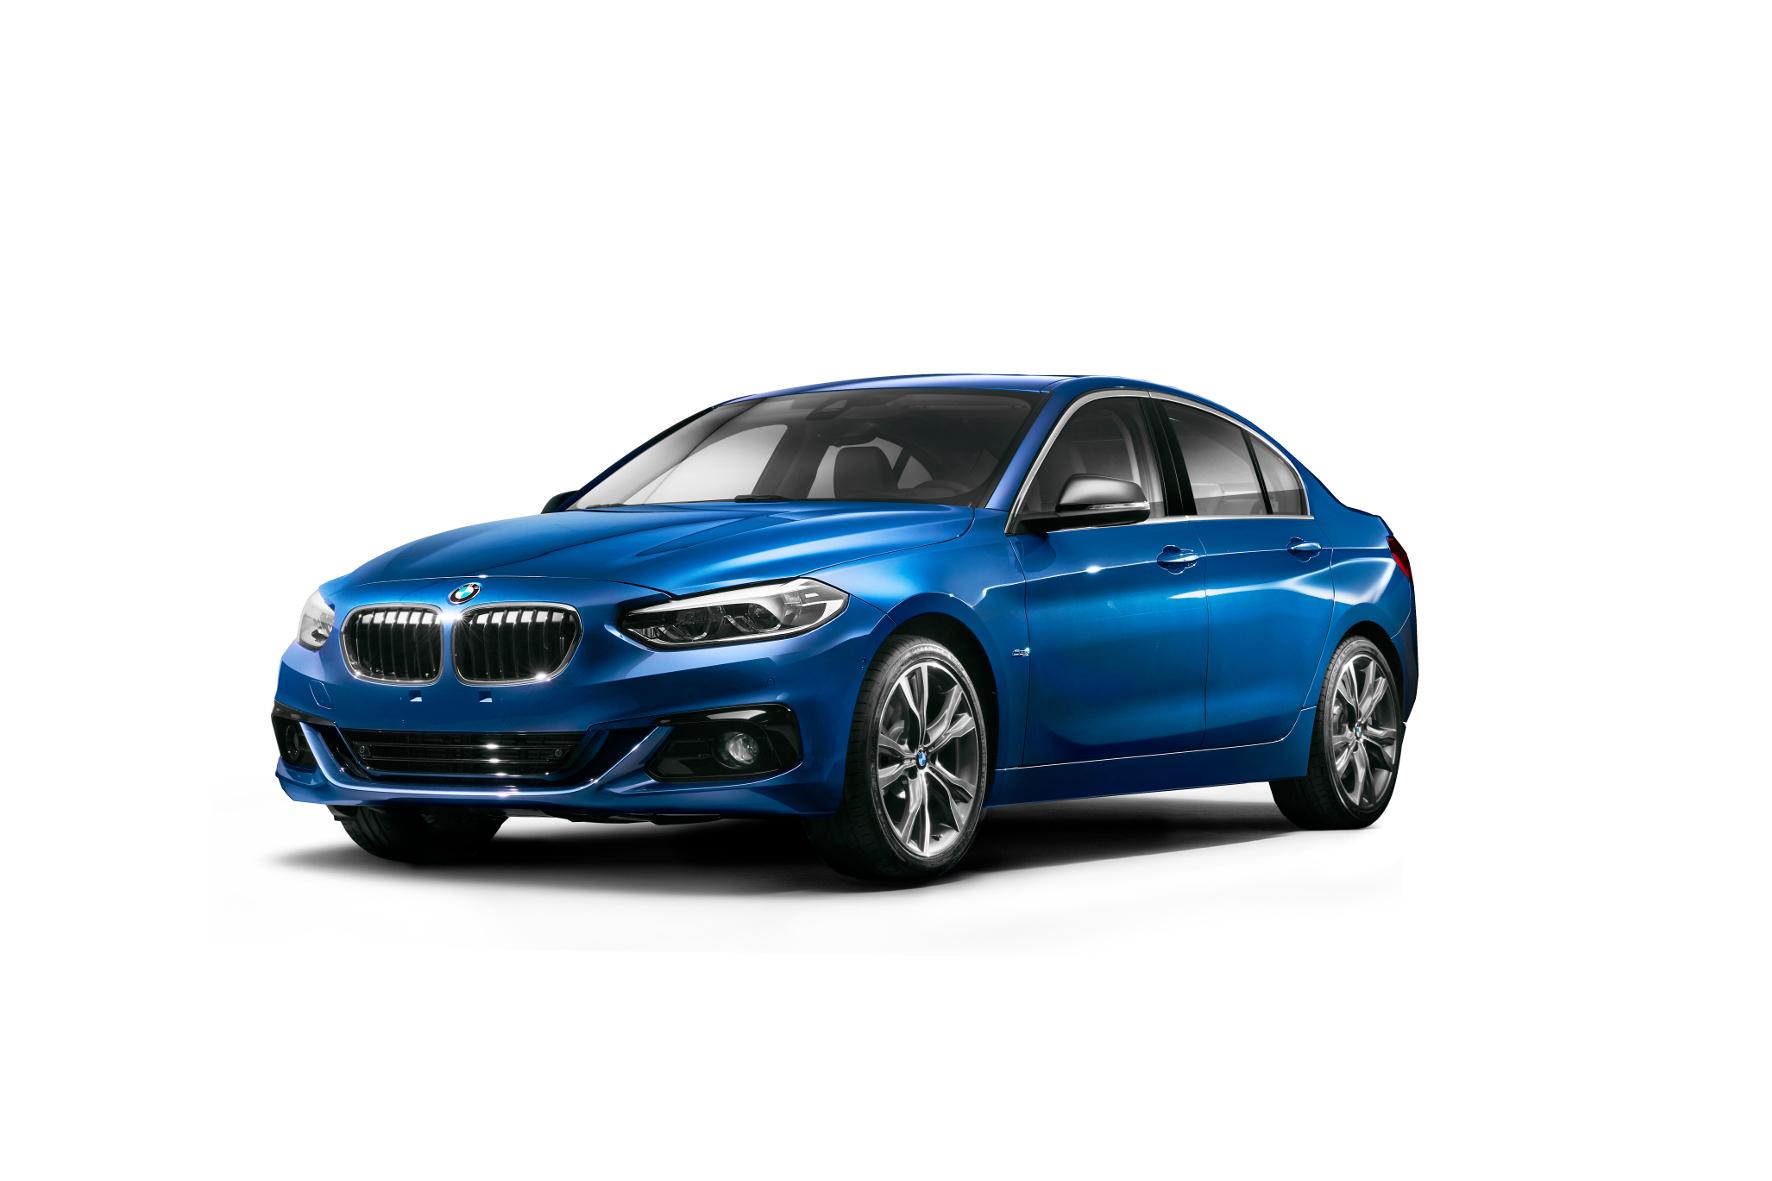 mid Groß-Gerau - Nur schauen, nicht kaufen: Die Limousinen-Variante des BMW 1er gibt es exklusiv nur für China.